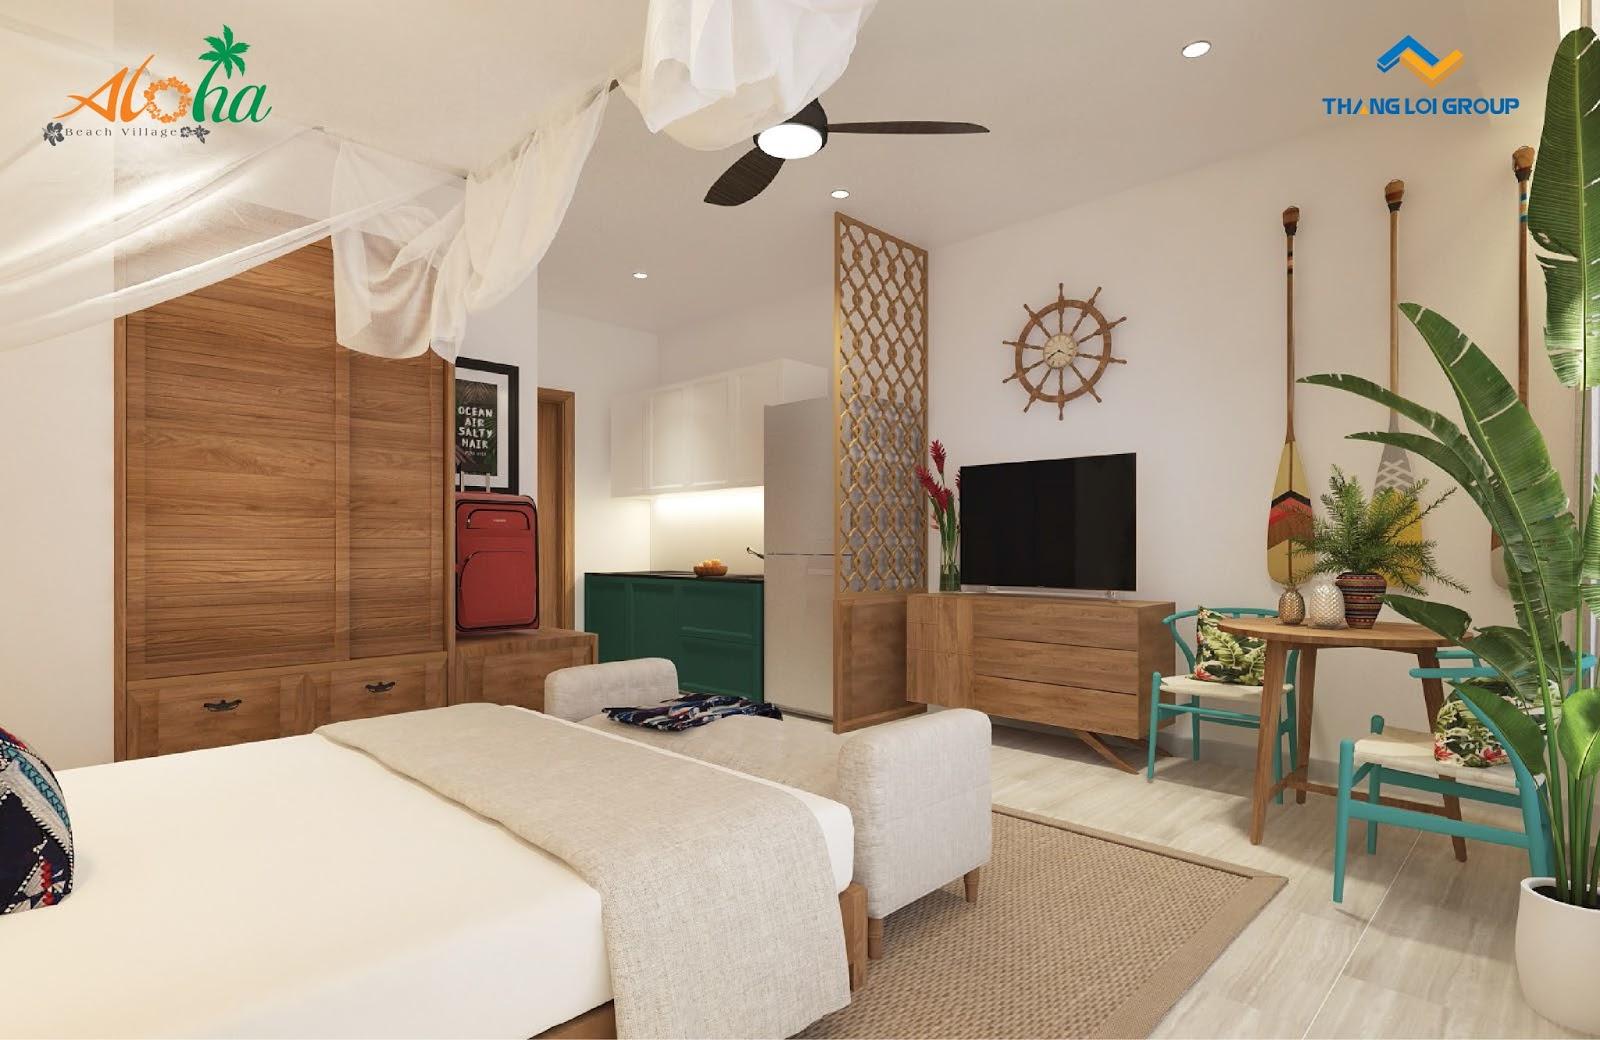 căn hộ aloha phan thiết